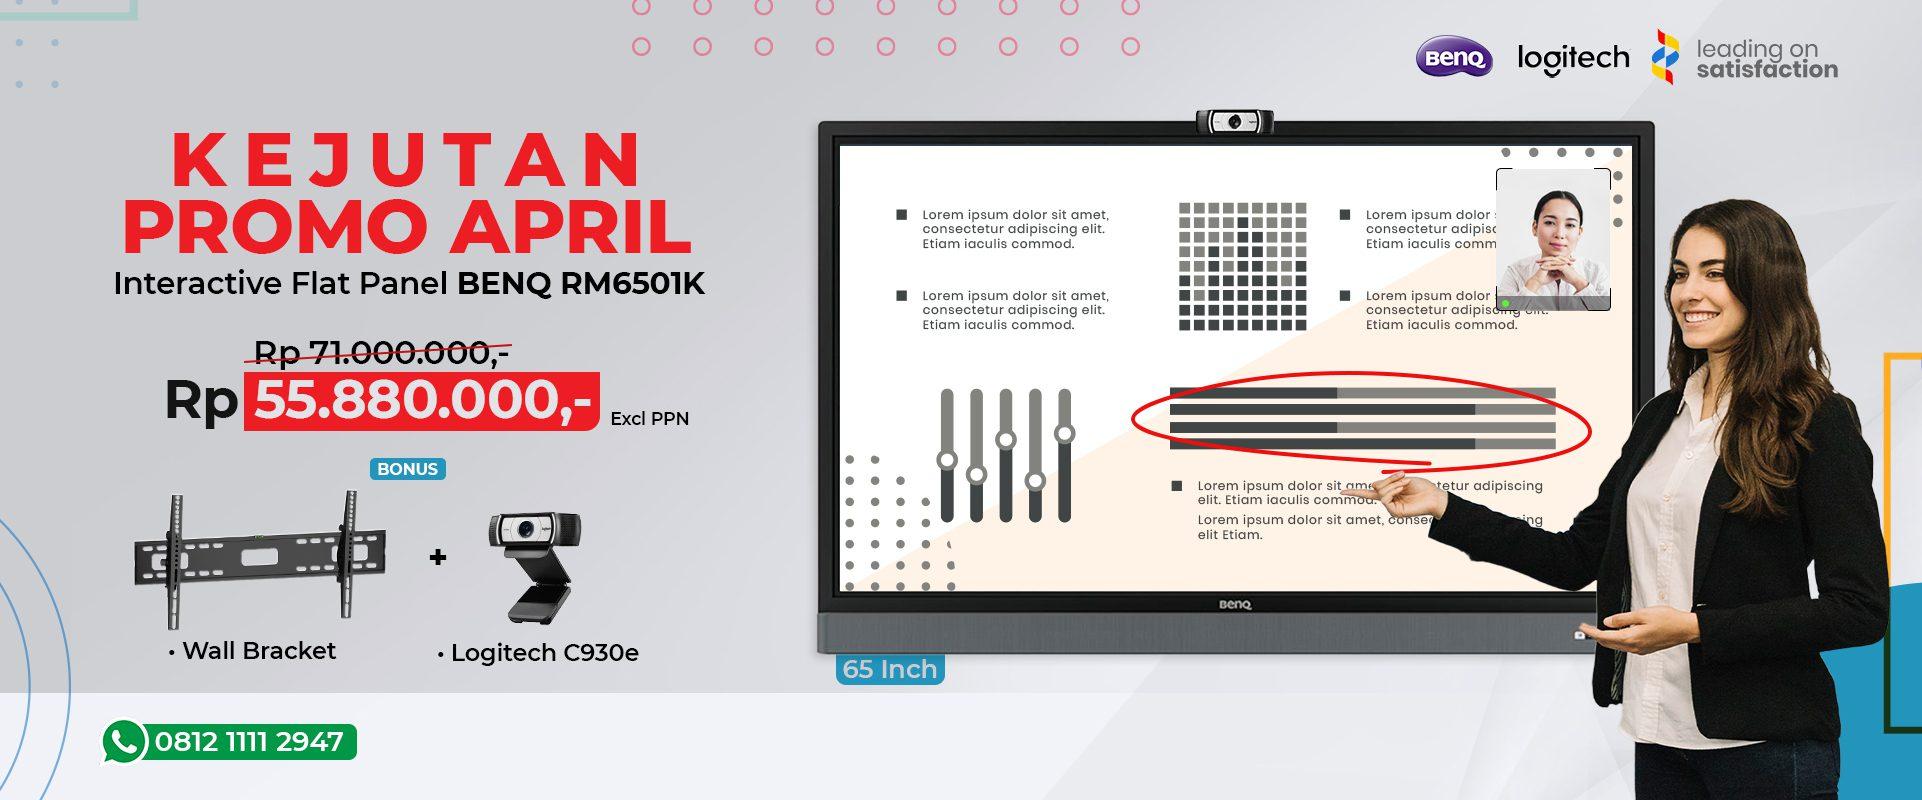 Promo BenQ IFP bonus Logitech C930e - SSP